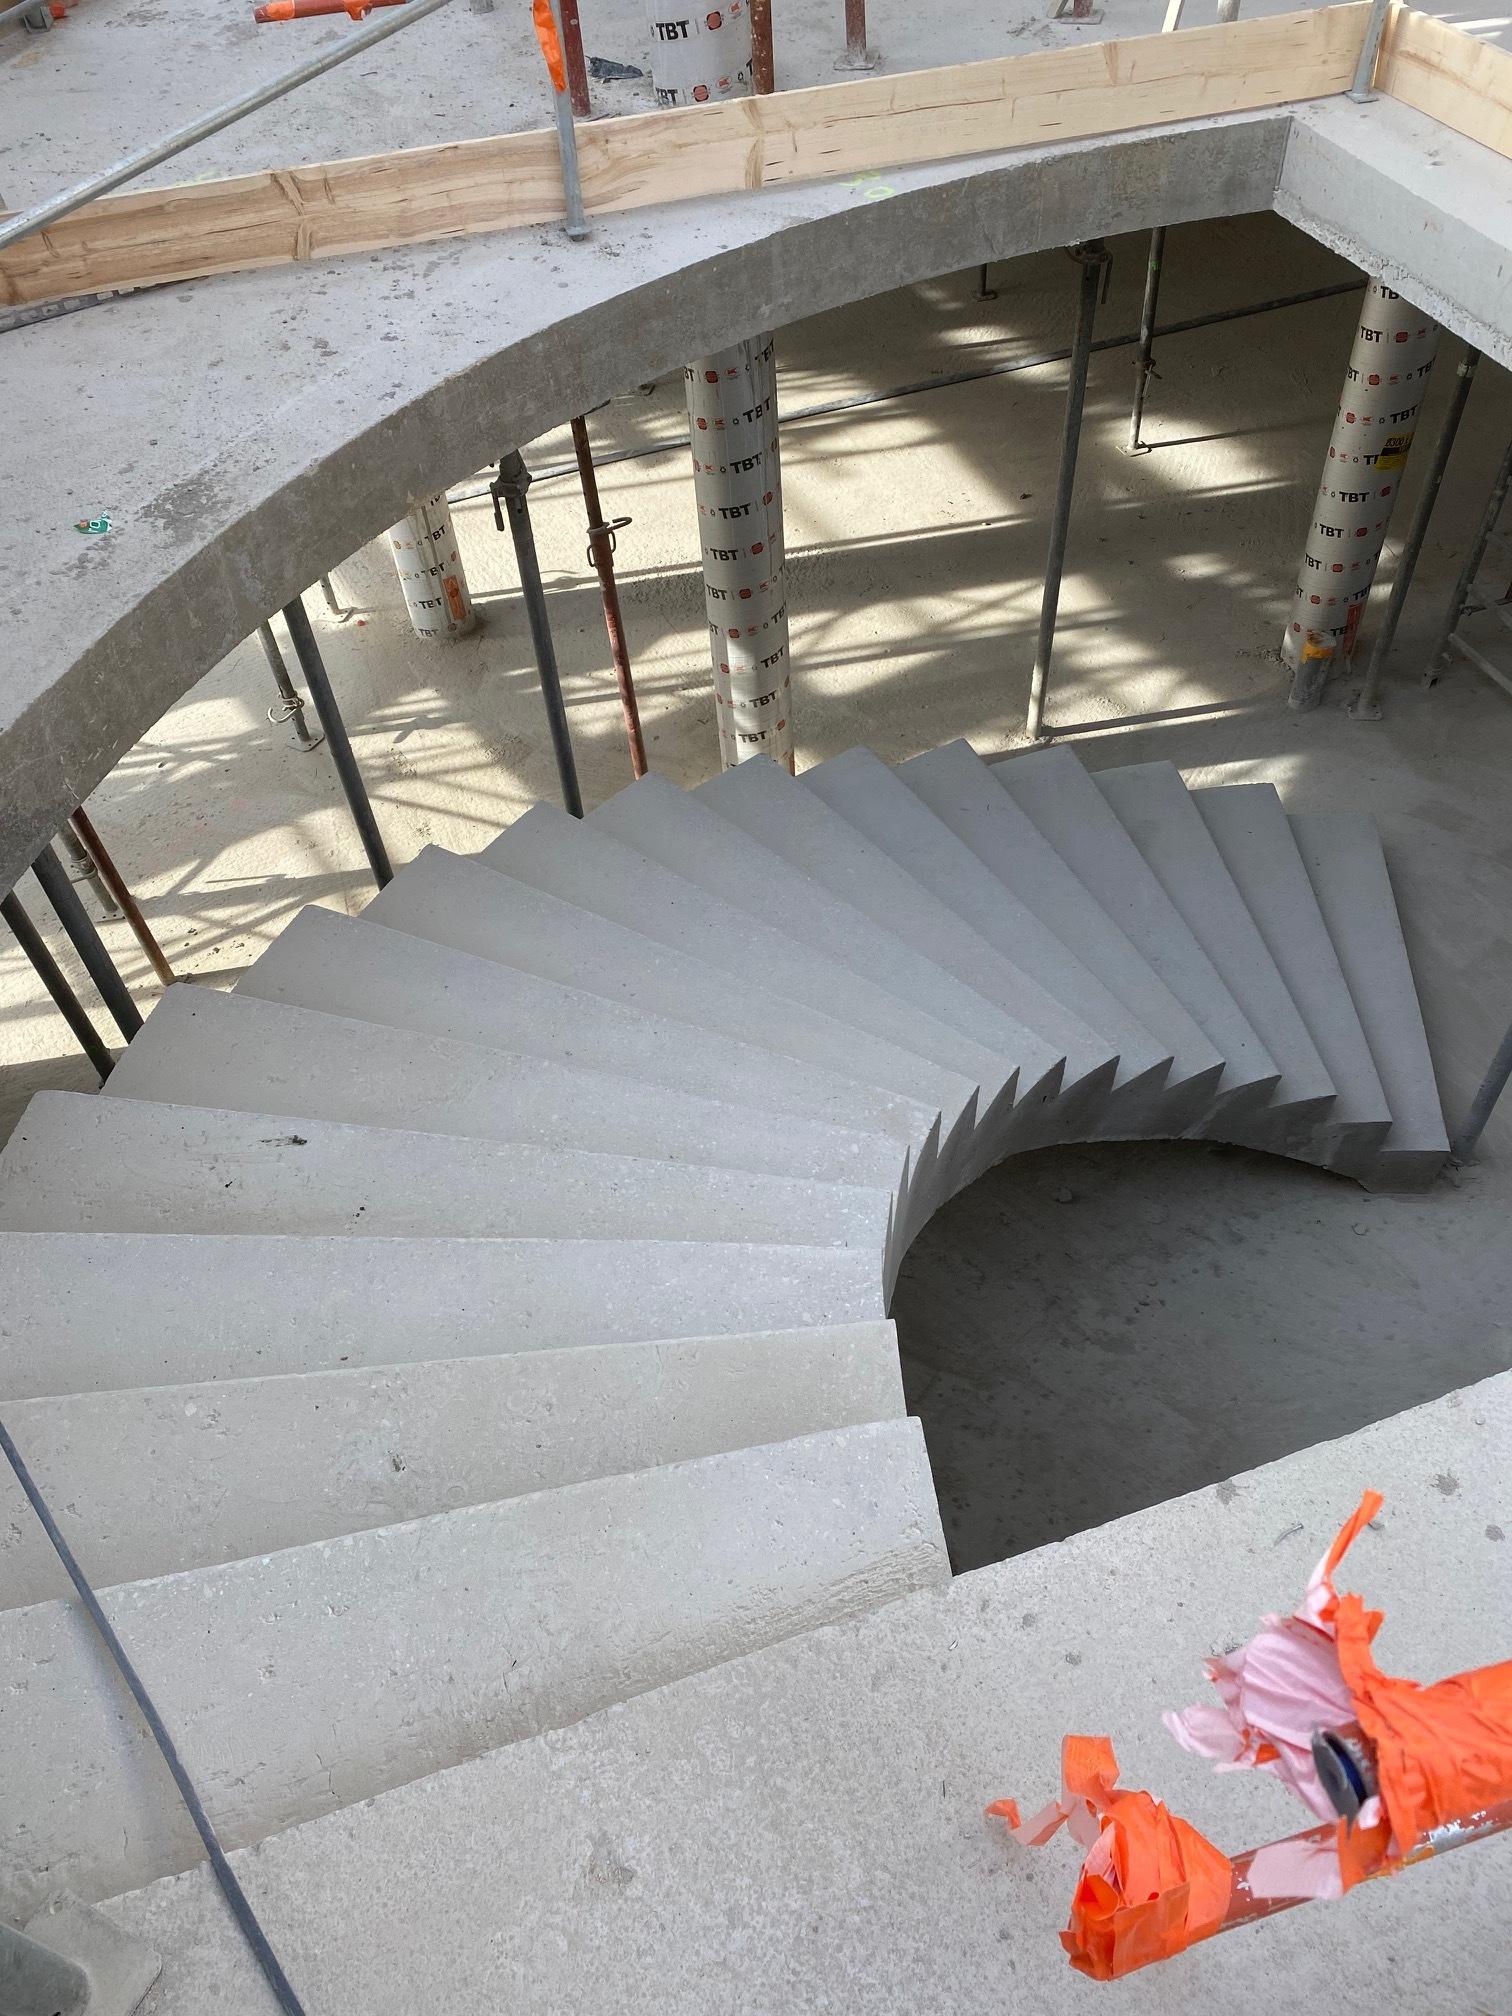 escalier à paillasse architectural en béton brut de décoffrage  aux saintes Marie de la mer dans un musée  pour un maitre d'œuvre Rémi de Scal'in PACA